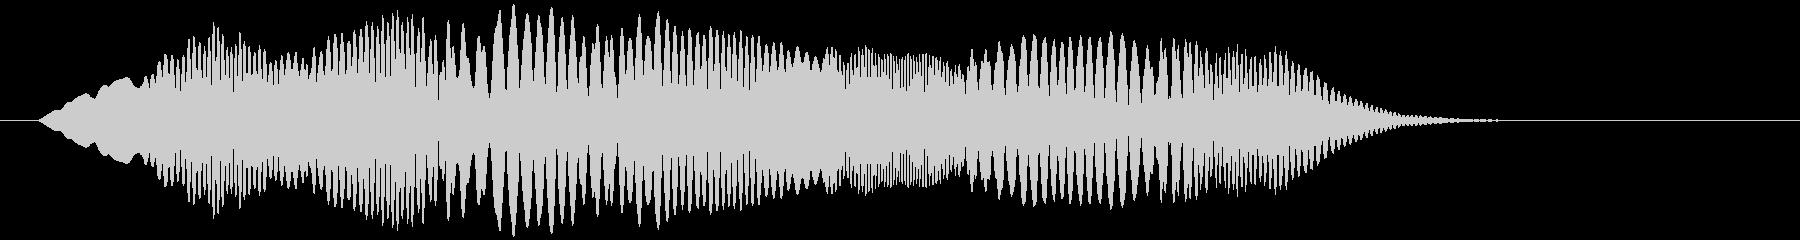 ヒヨヒヨ(目が回る・混乱・ゲームオーバ)の未再生の波形